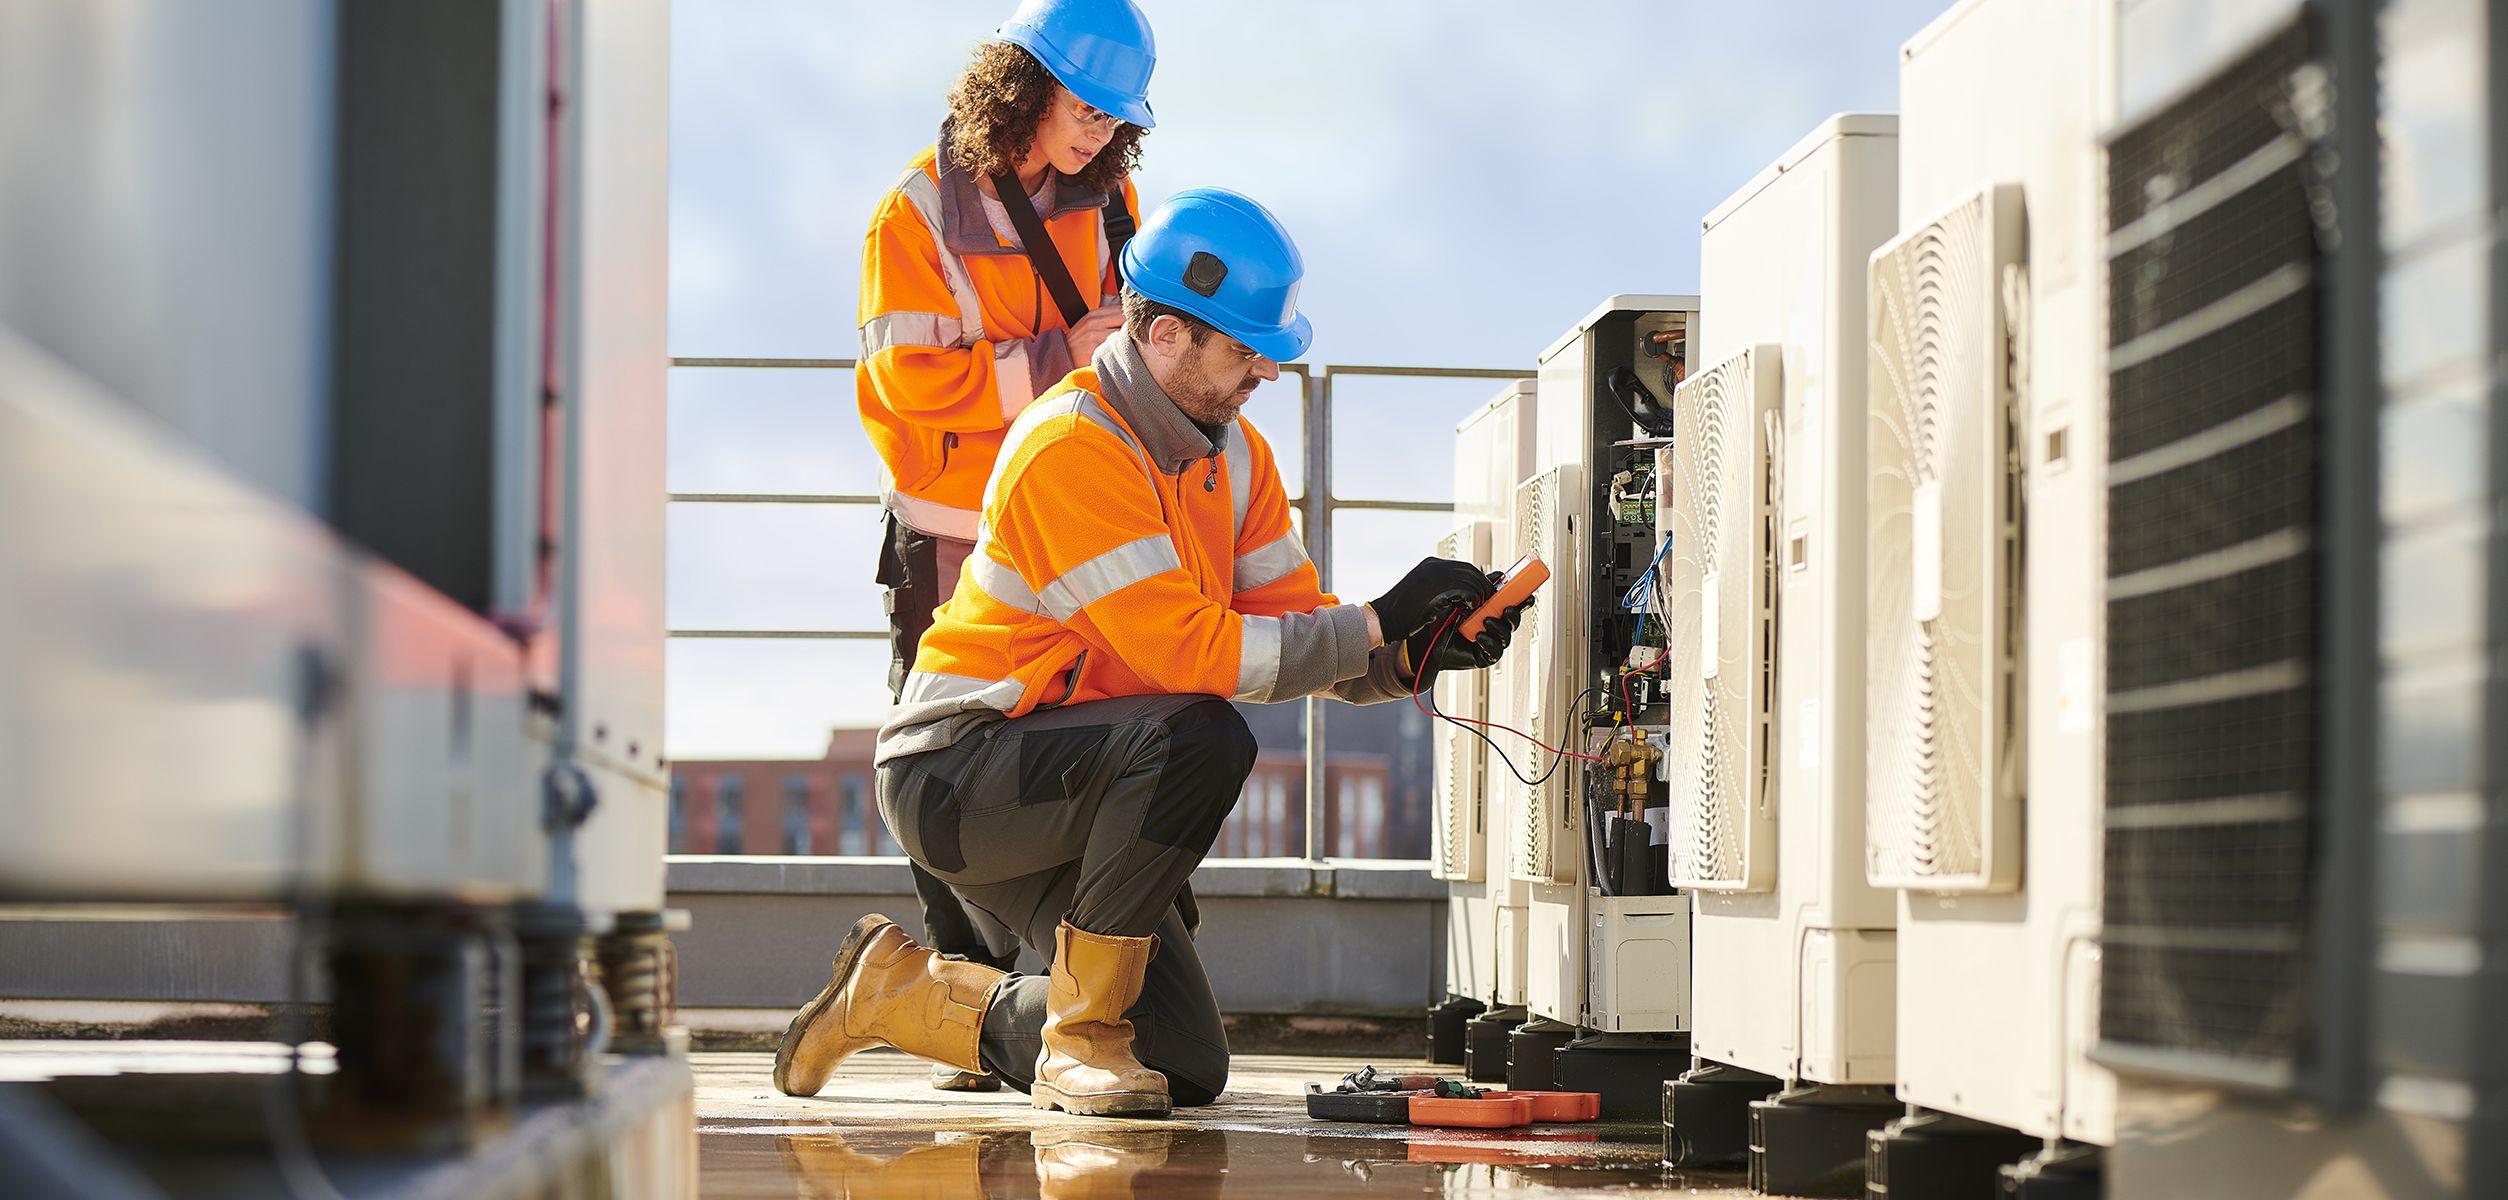 Servicio técnico de aire acondicionado en Alicante